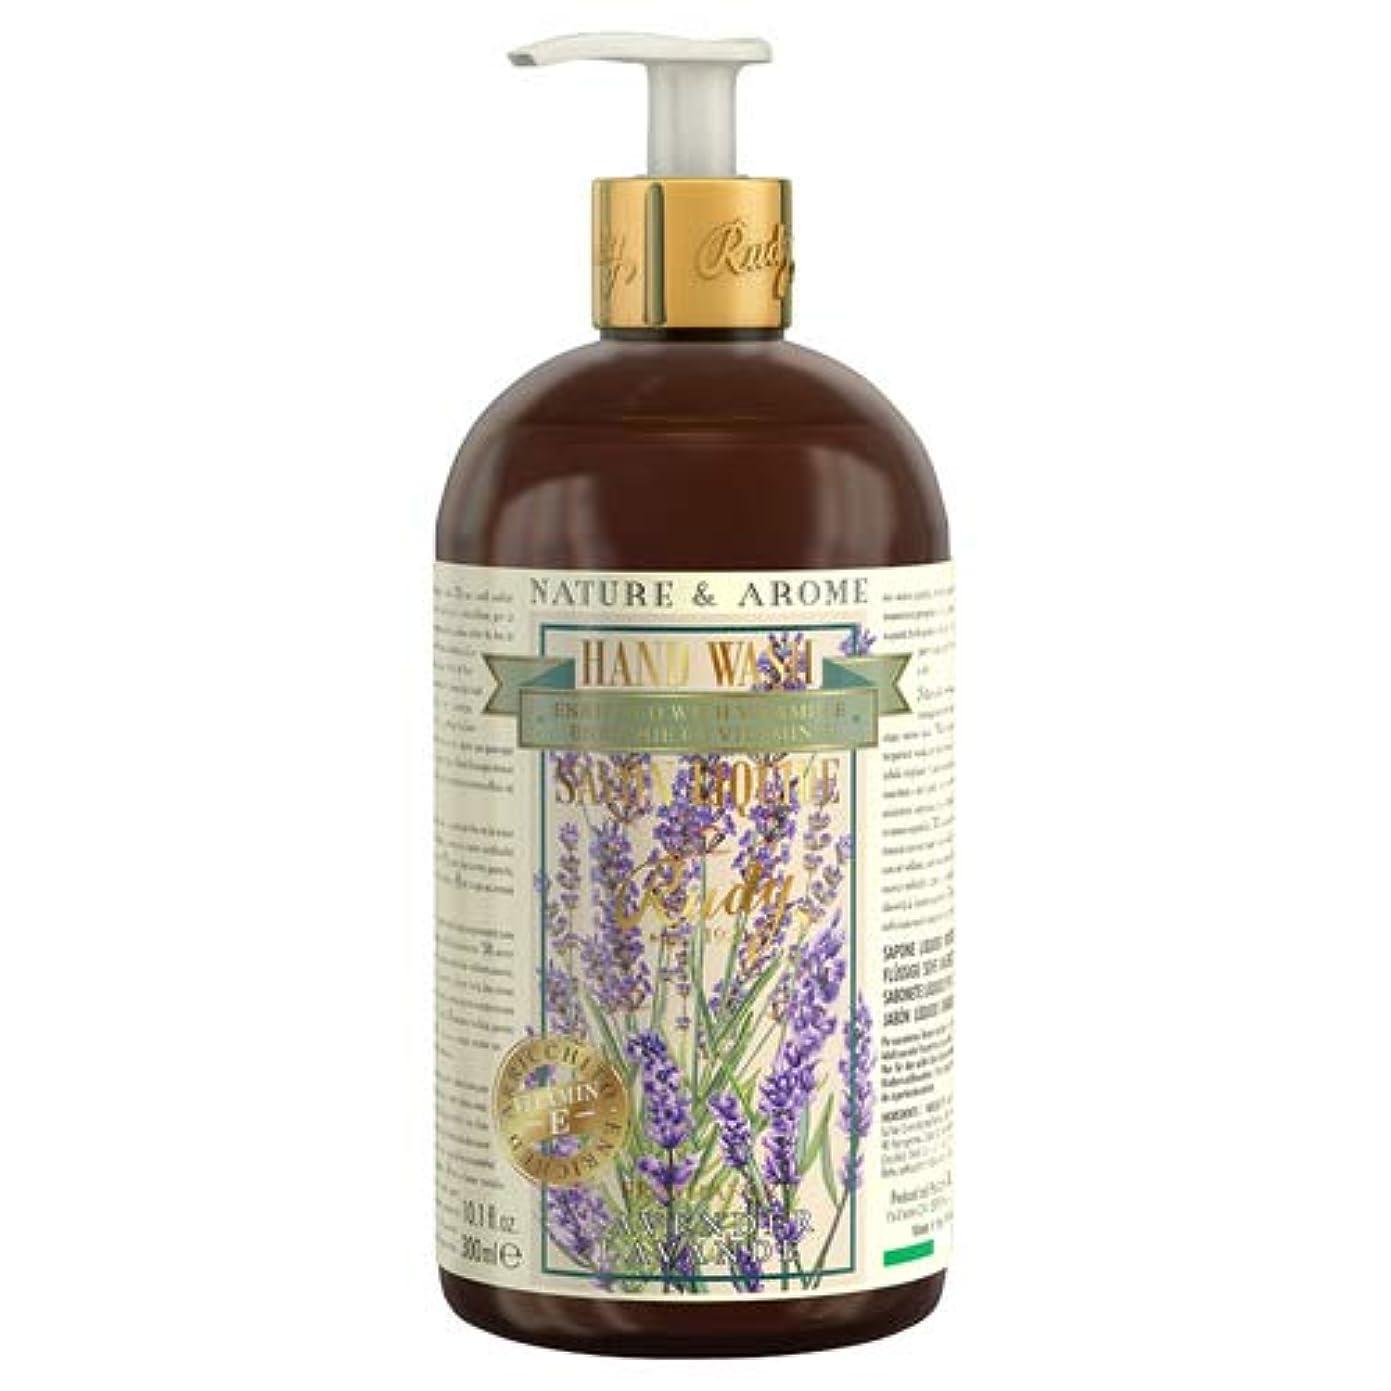 サイクル微生物ルームRUDY Nature&Arome Apothecary ネイチャーアロマ アポセカリー Hand Wash ハンドウォッシュ(ボディソープ) Laveder ラベンダー